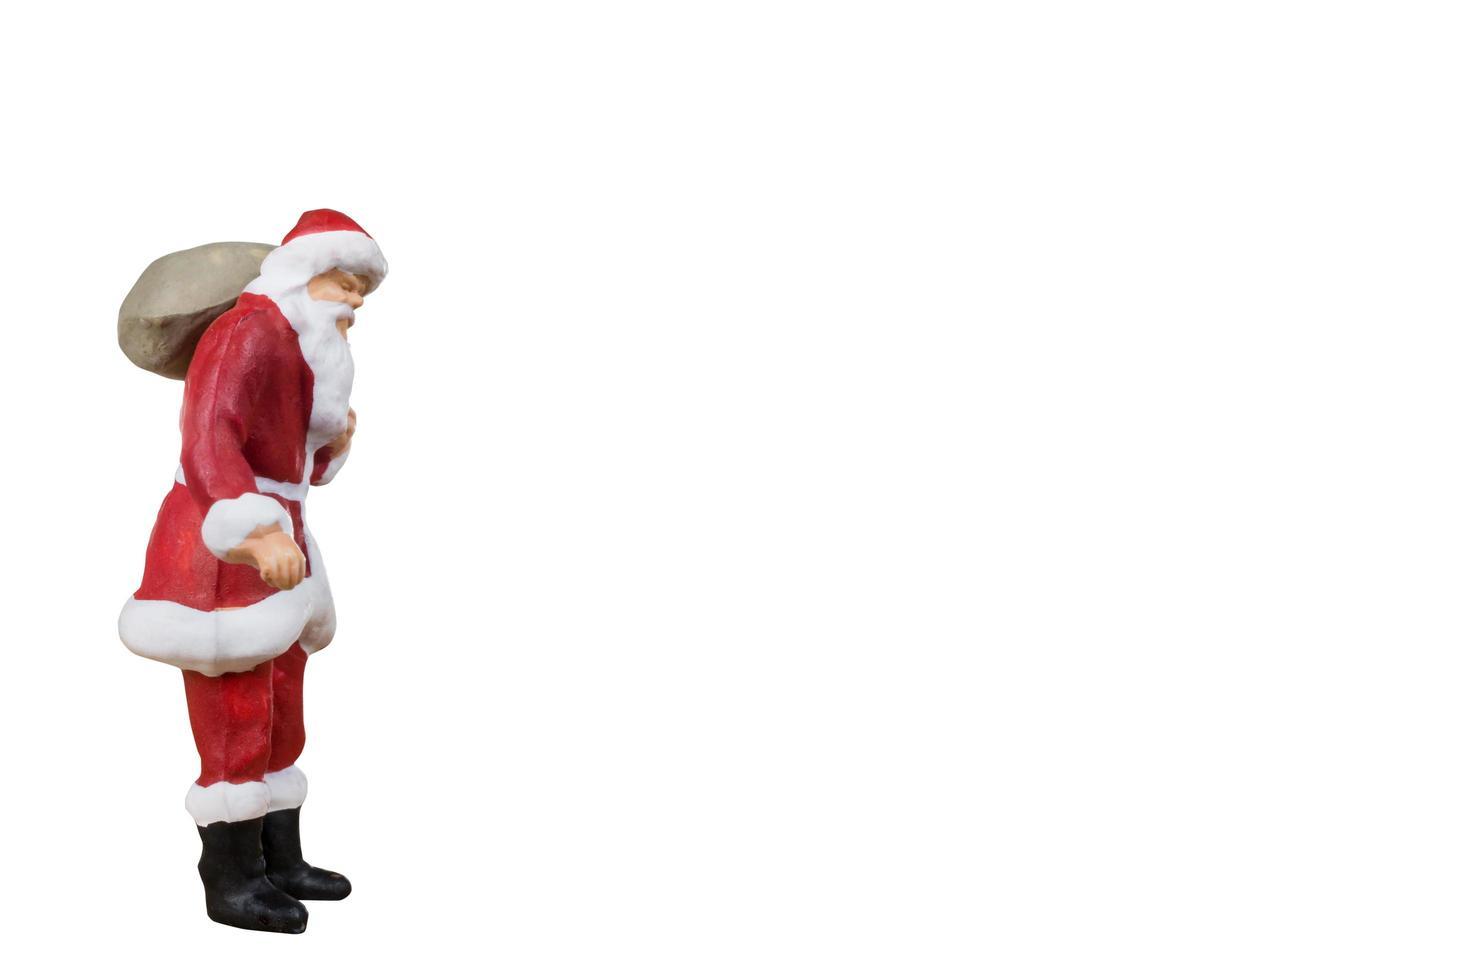 miniatyr Santa Claus bär en påse isolerad på en vit bakgrund foto